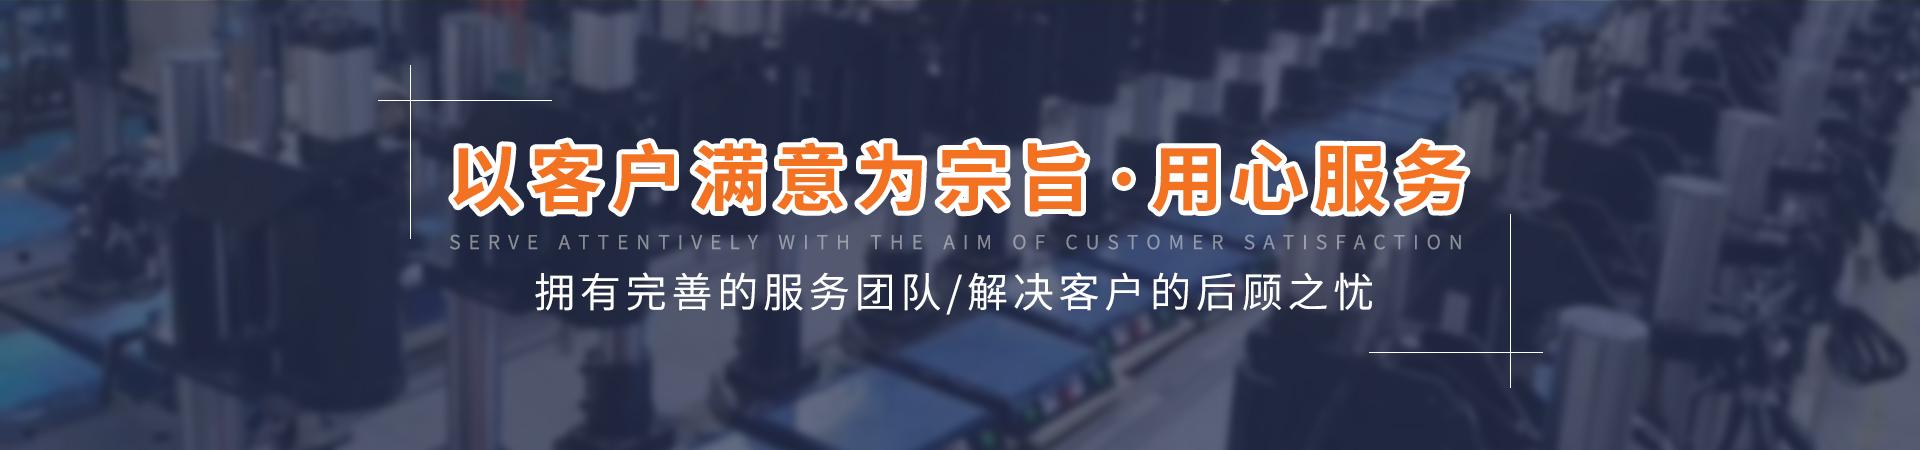 http://www.zsvi.com.cn/data/upload/202011/20201127150010_430.jpg